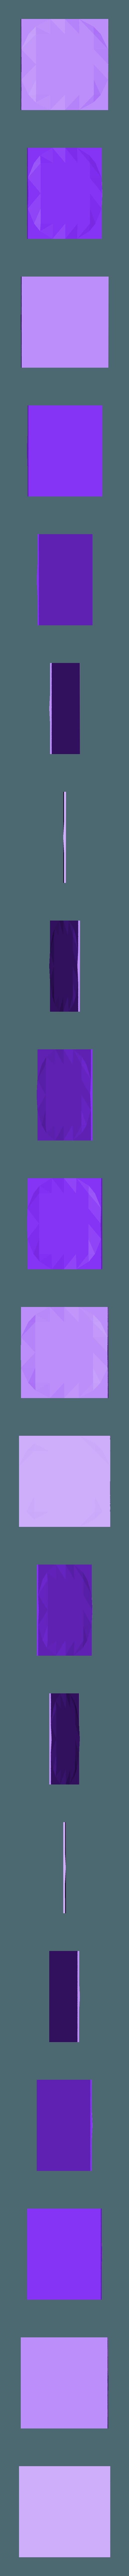 castle-grass2.stl Télécharger fichier GCODE gratuit Castle Mountain ! (Multicolore/Multimatériau) • Modèle pour imprimante 3D, MakerMathieu